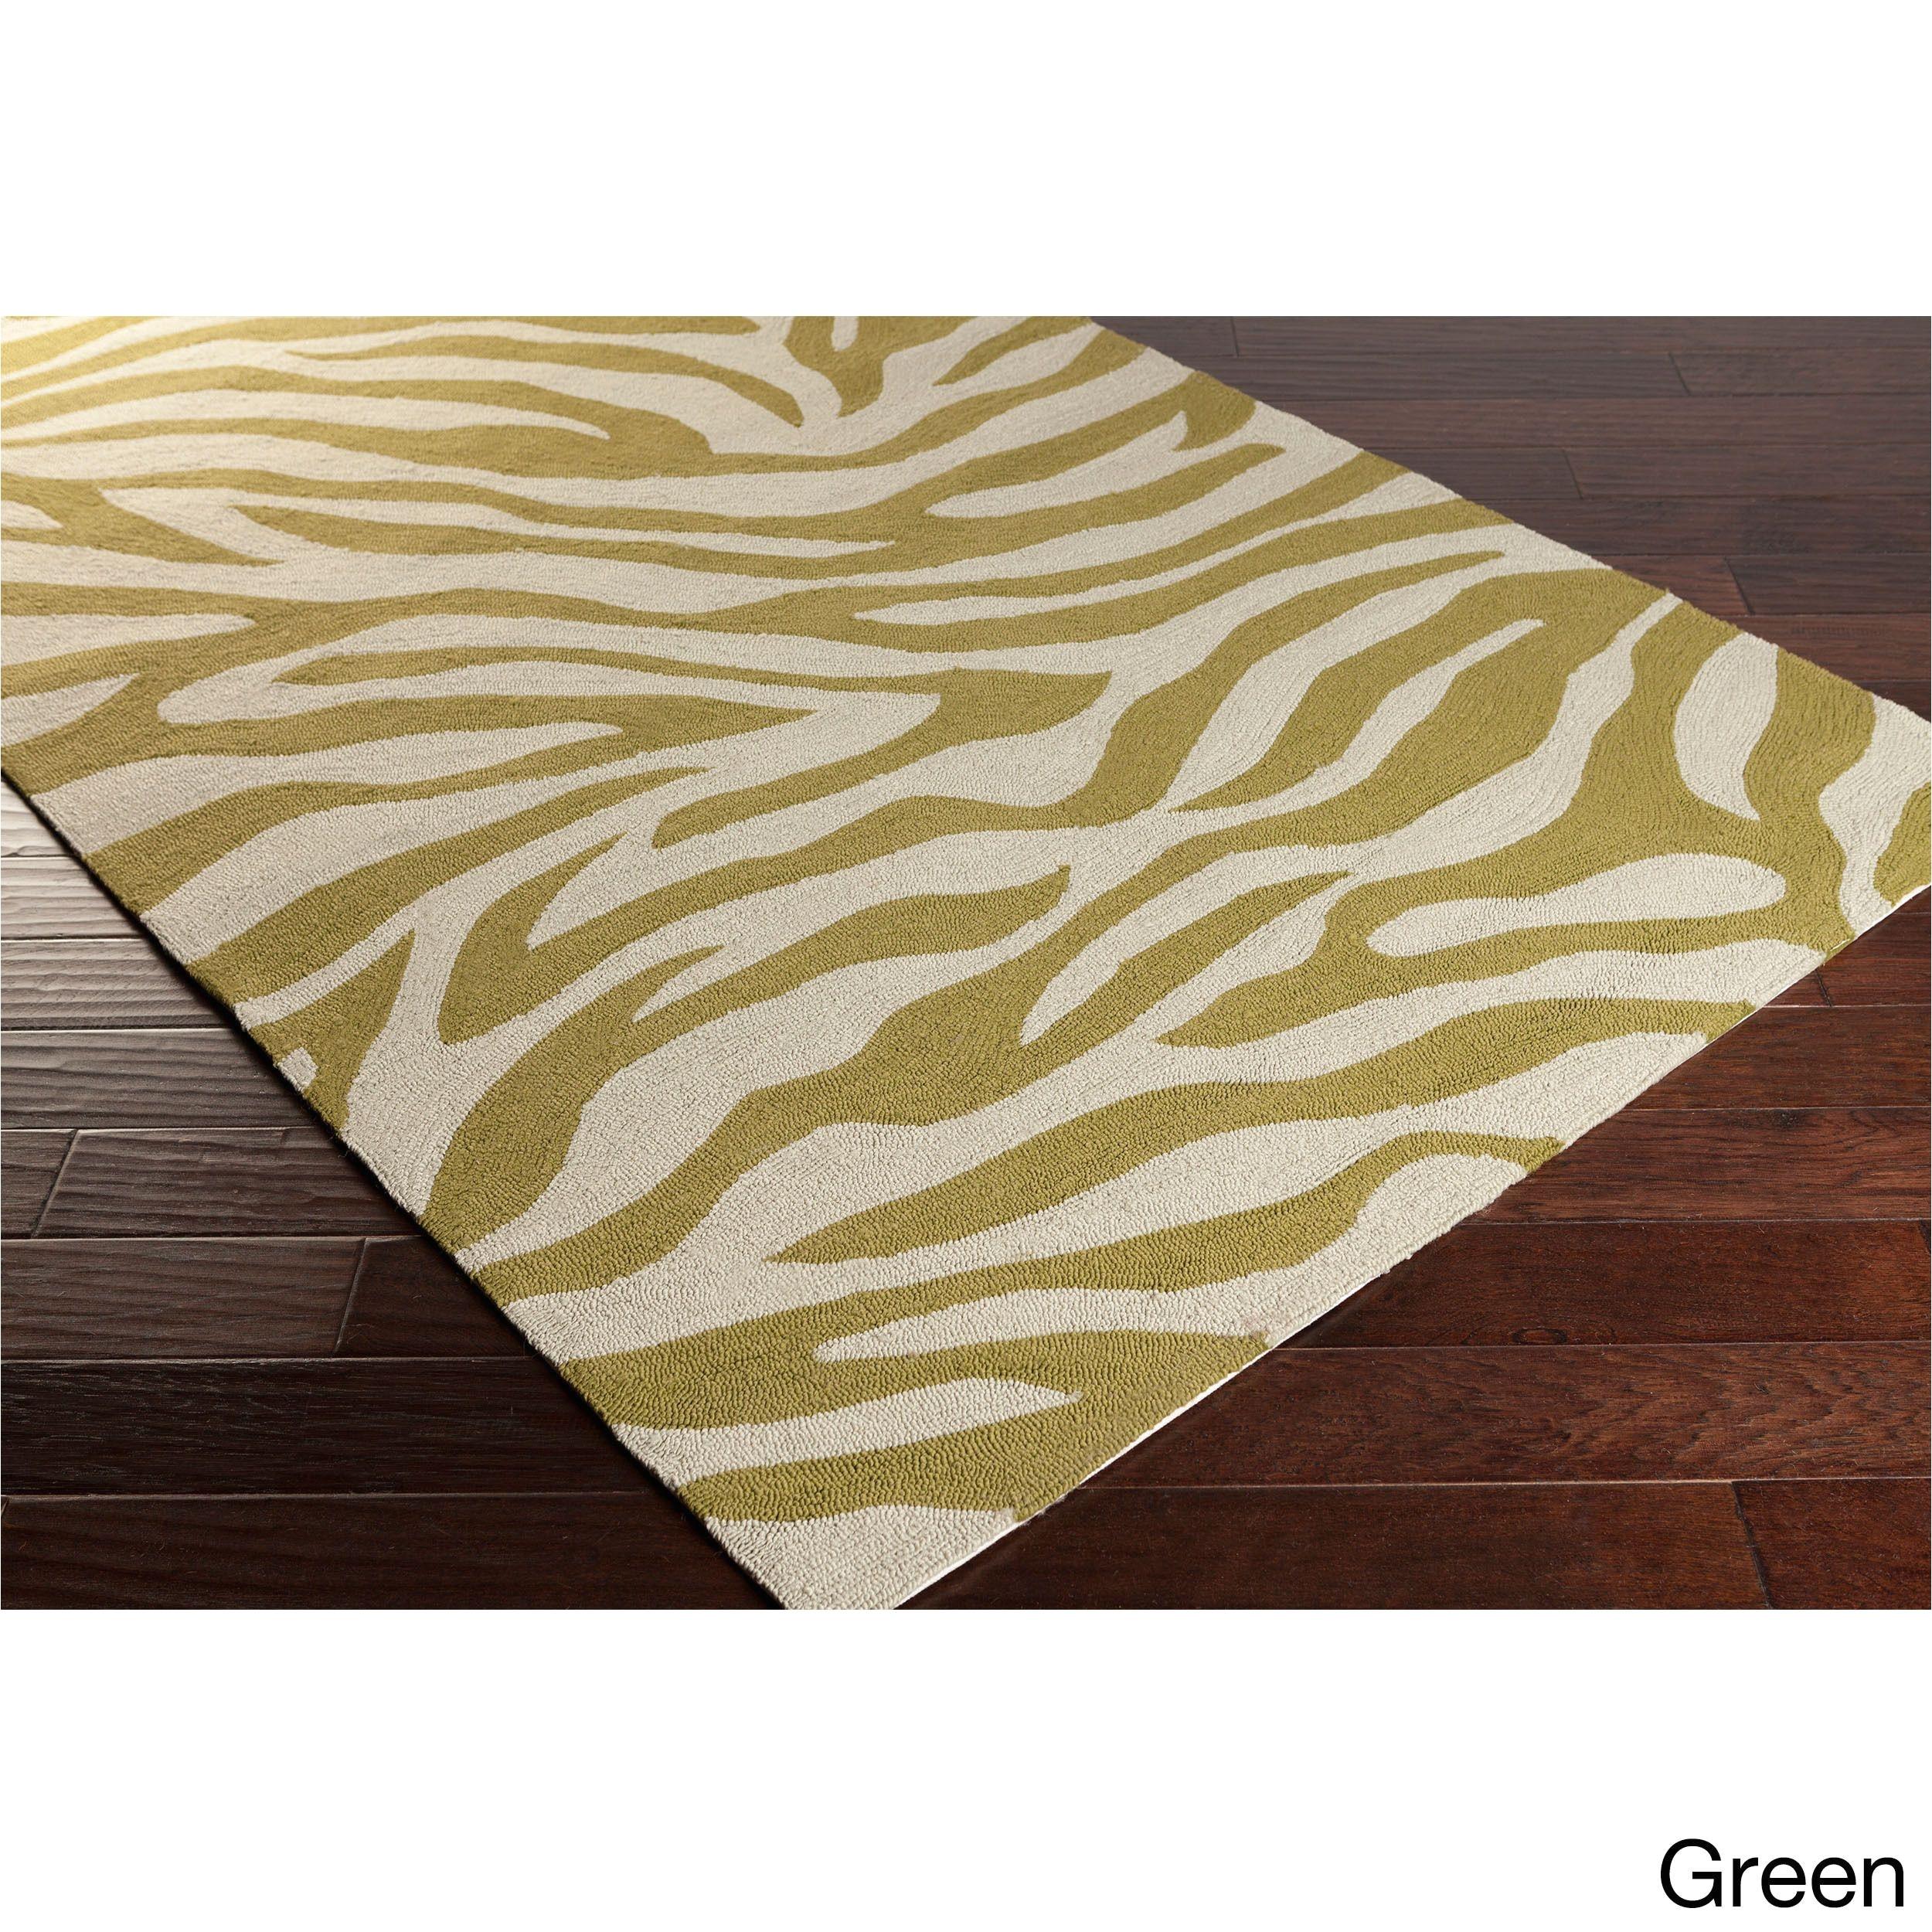 hand hooked adele zebra indoor outdoor polypropylene rug 9 x 12